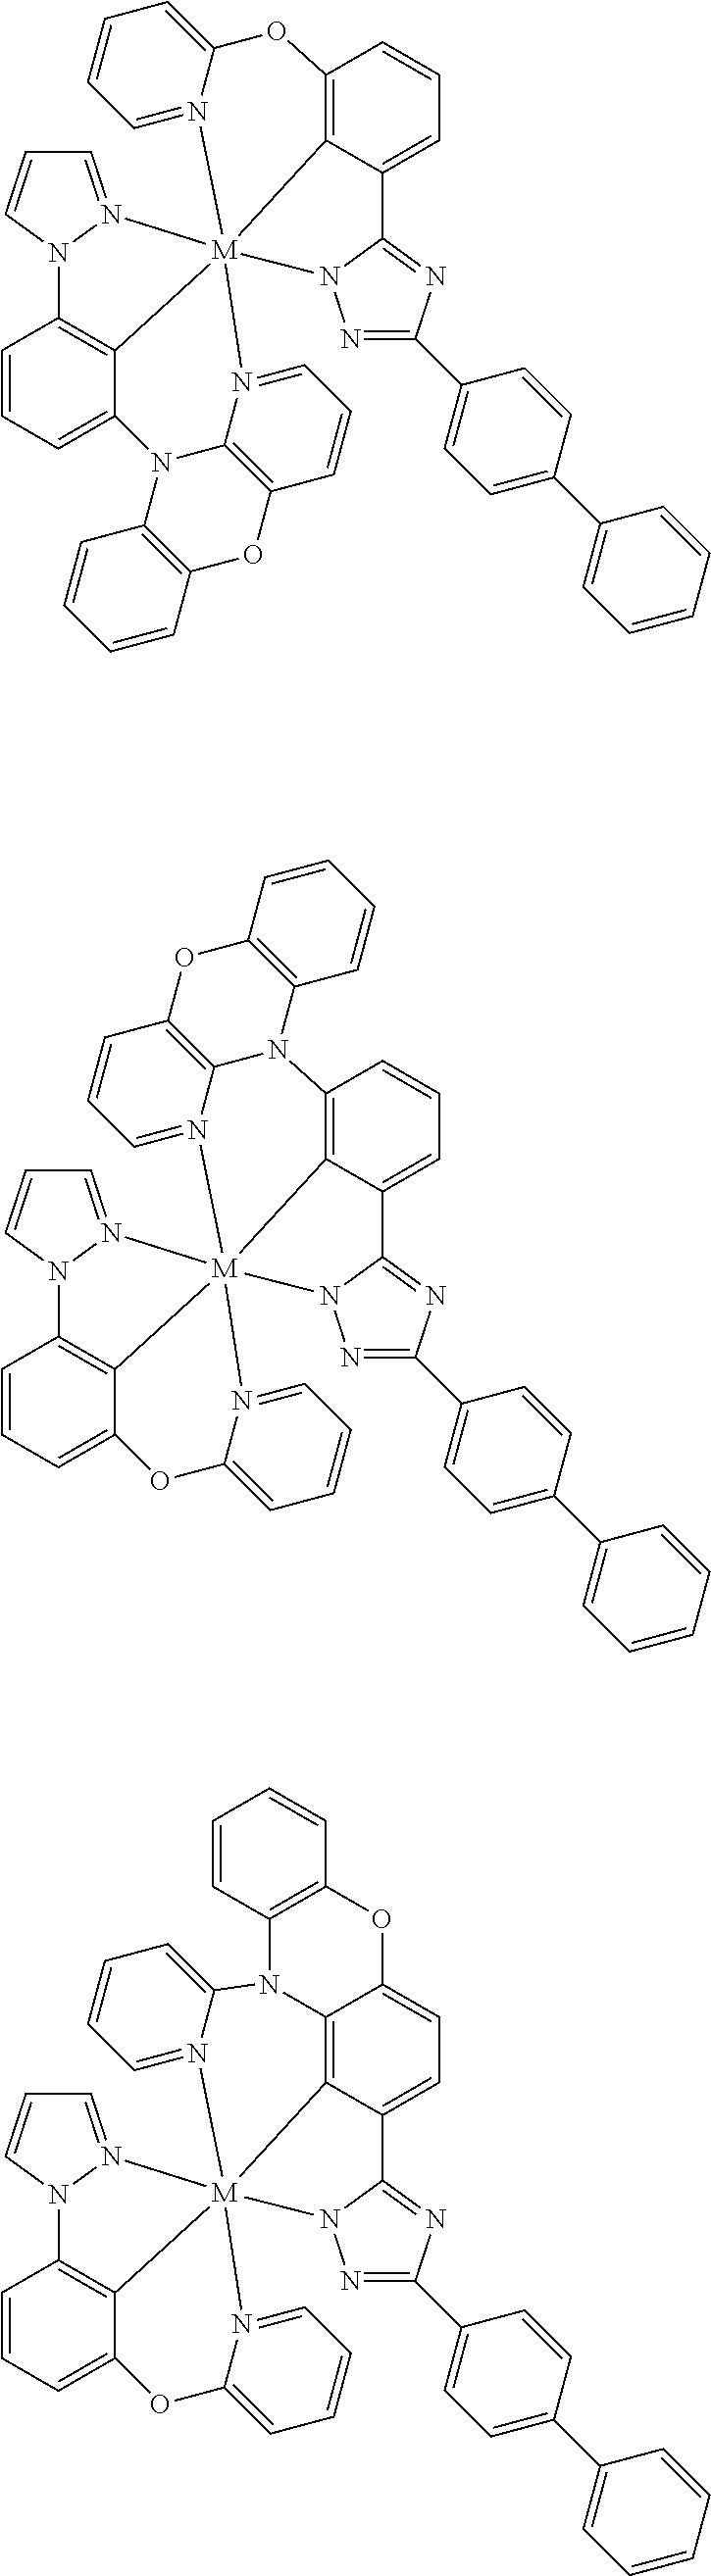 Figure US09818959-20171114-C00392